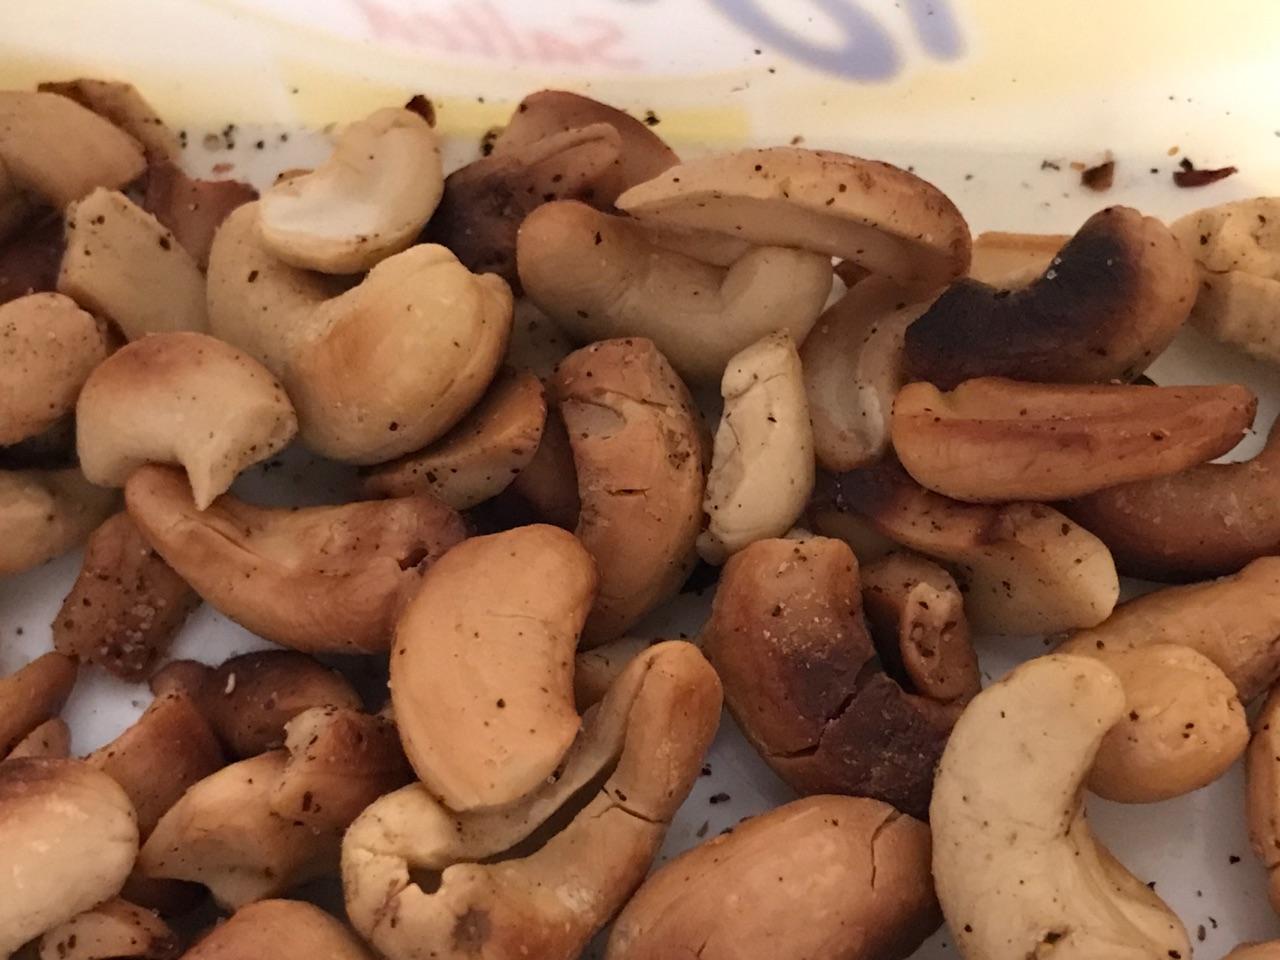 Cashews home roasted